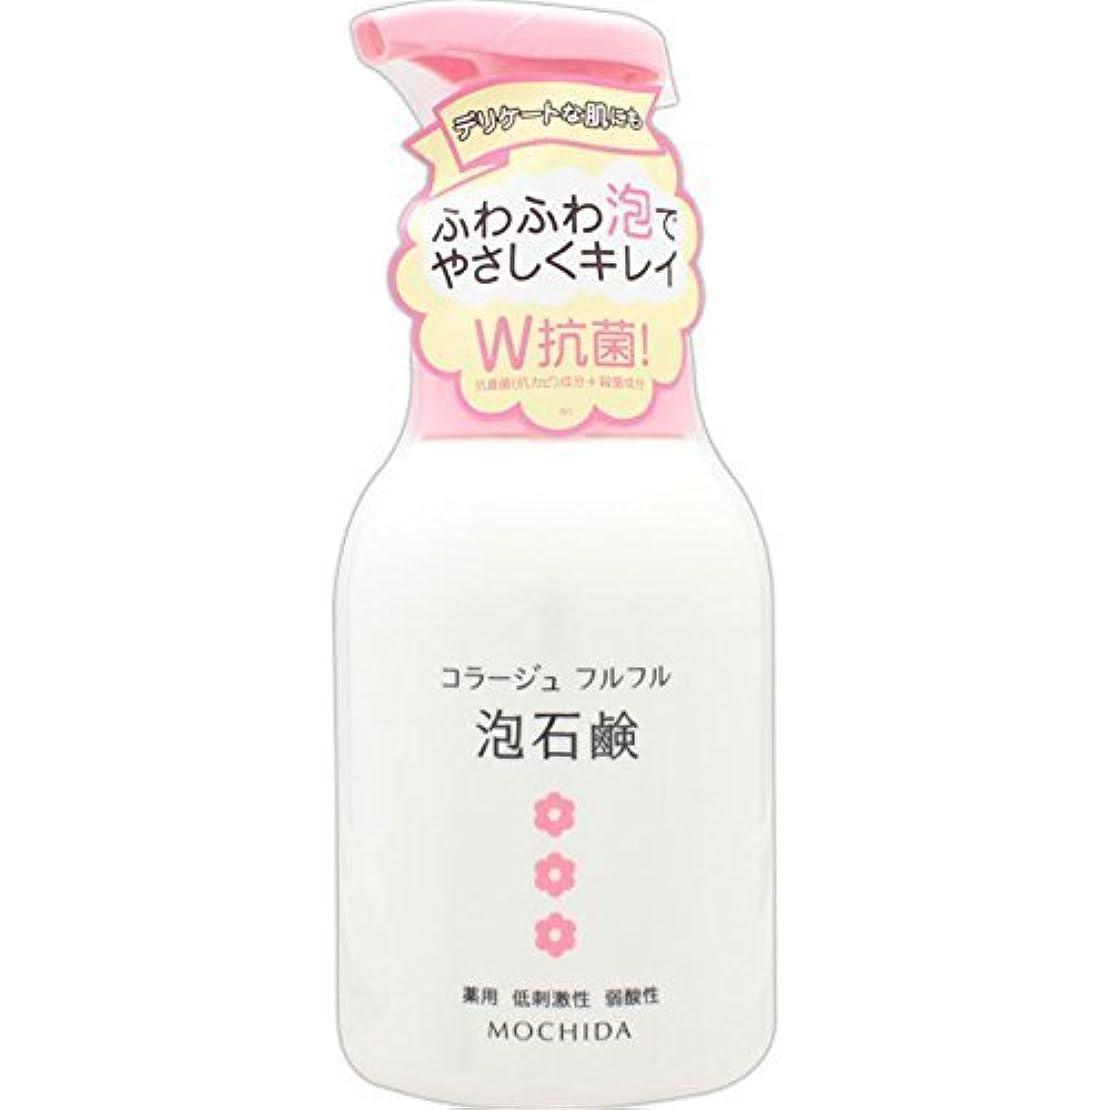 ちなみにかなりレーニン主義コラージュフルフル 泡石鹸 ピンク 300m L (医薬部外品) ×4